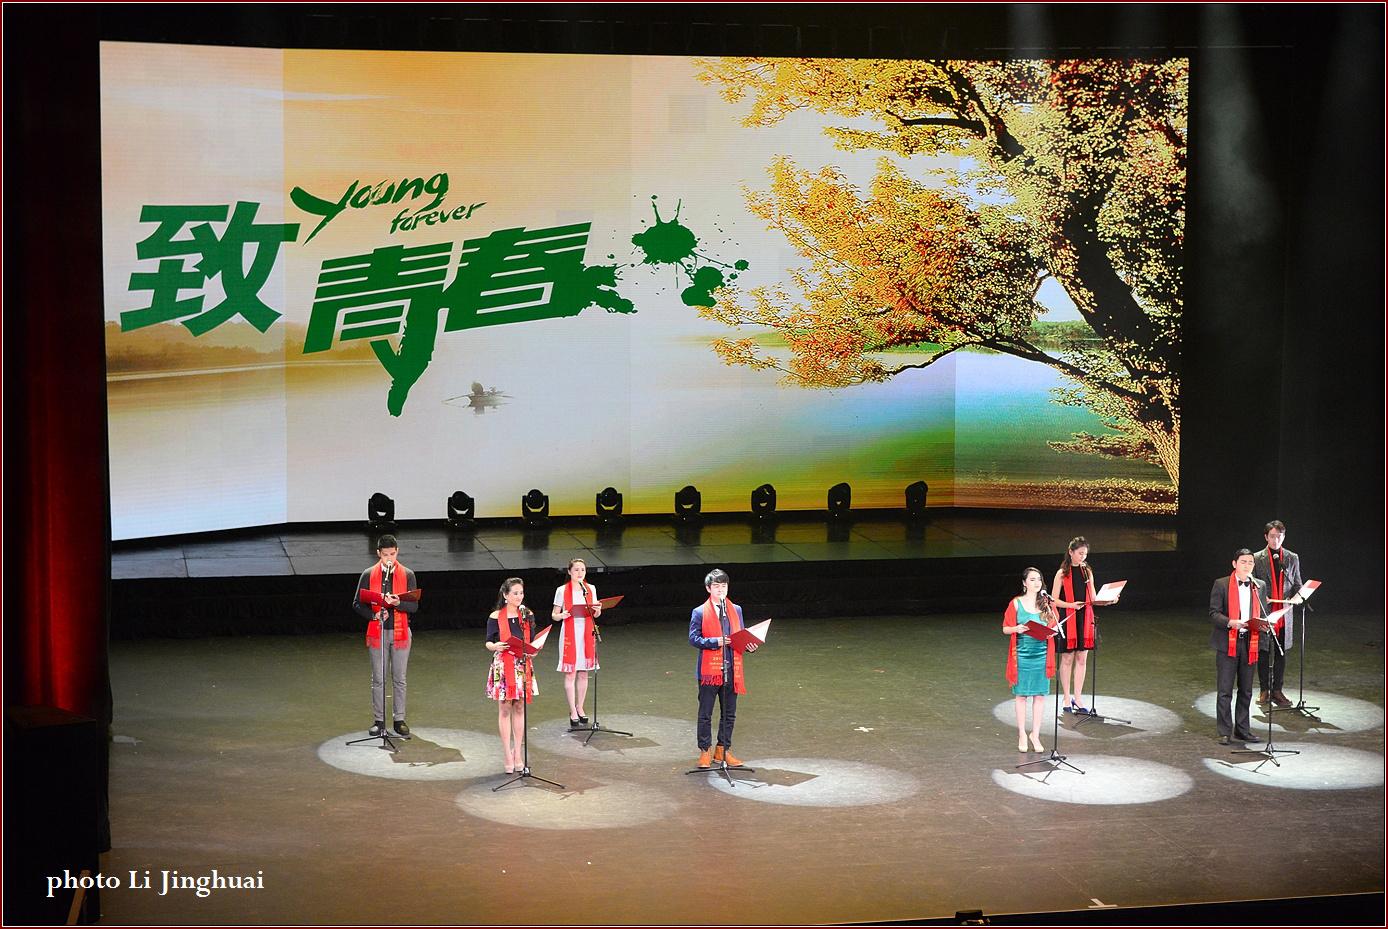 2017北美高校大型春节晚会_图1-5